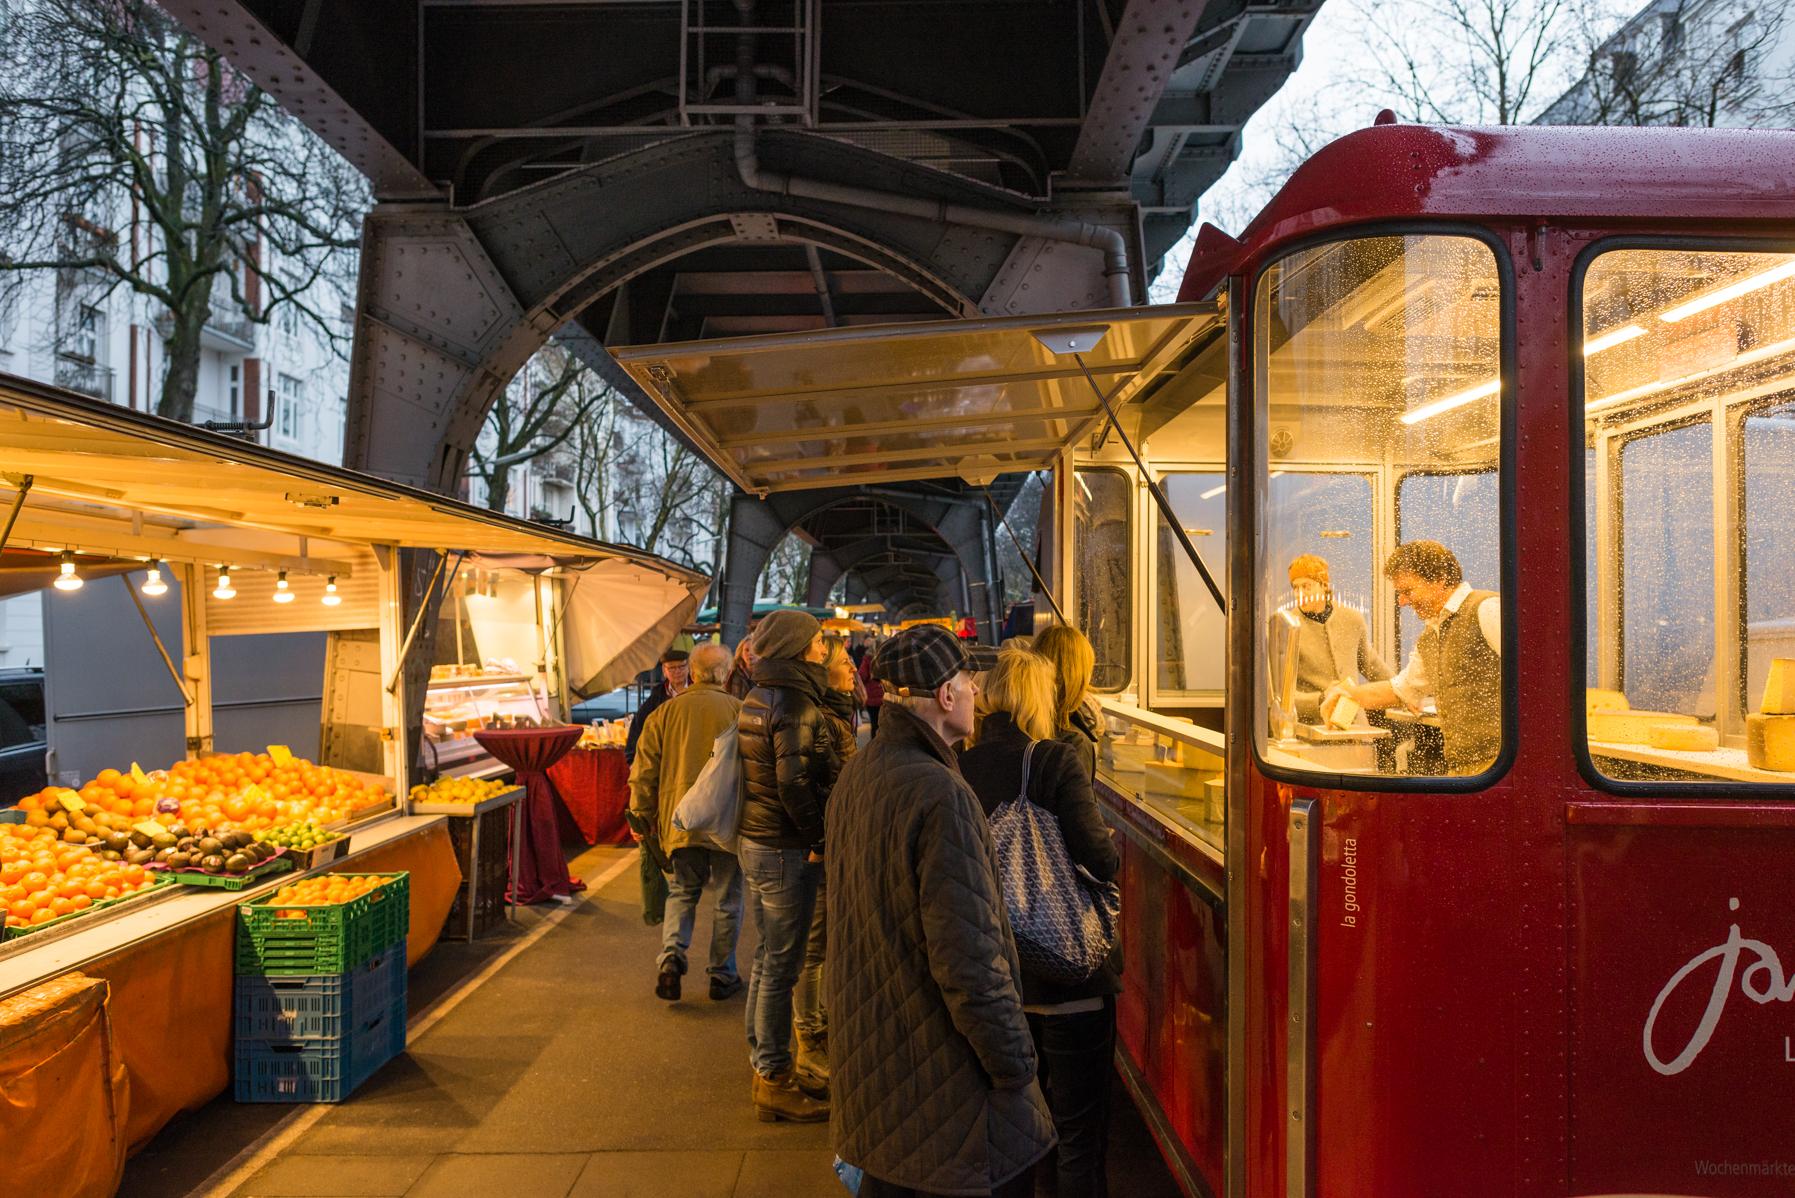 Veredelter Käse bei Willi Schmids Stand auf dem Isemarkt, Hamburg